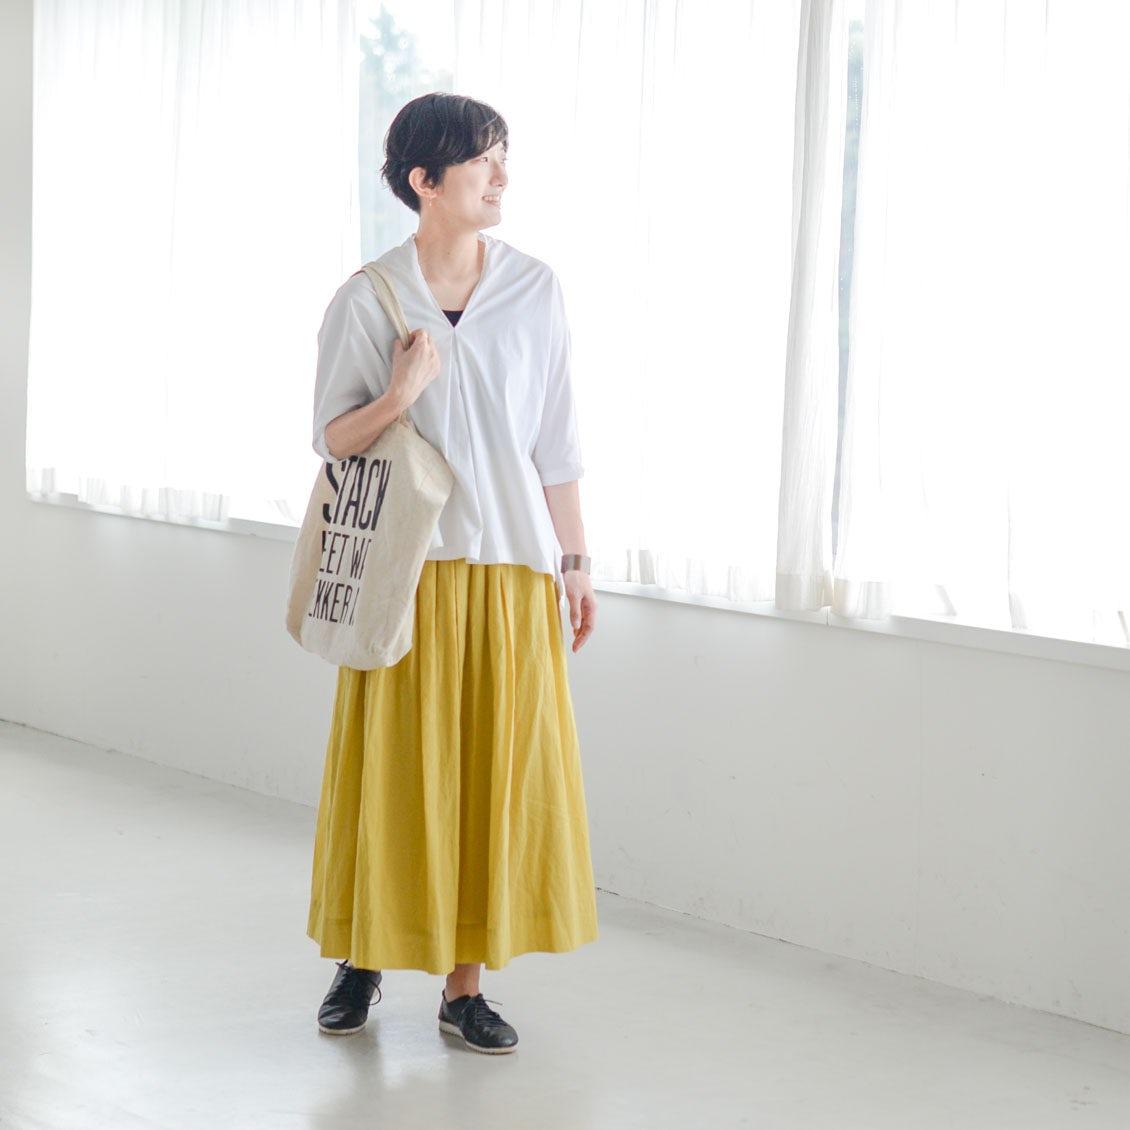 【着用レビュー】パンツ派さんの声から生まれた「ギャザースカート」を、3名のスタッフに着てもらいました!